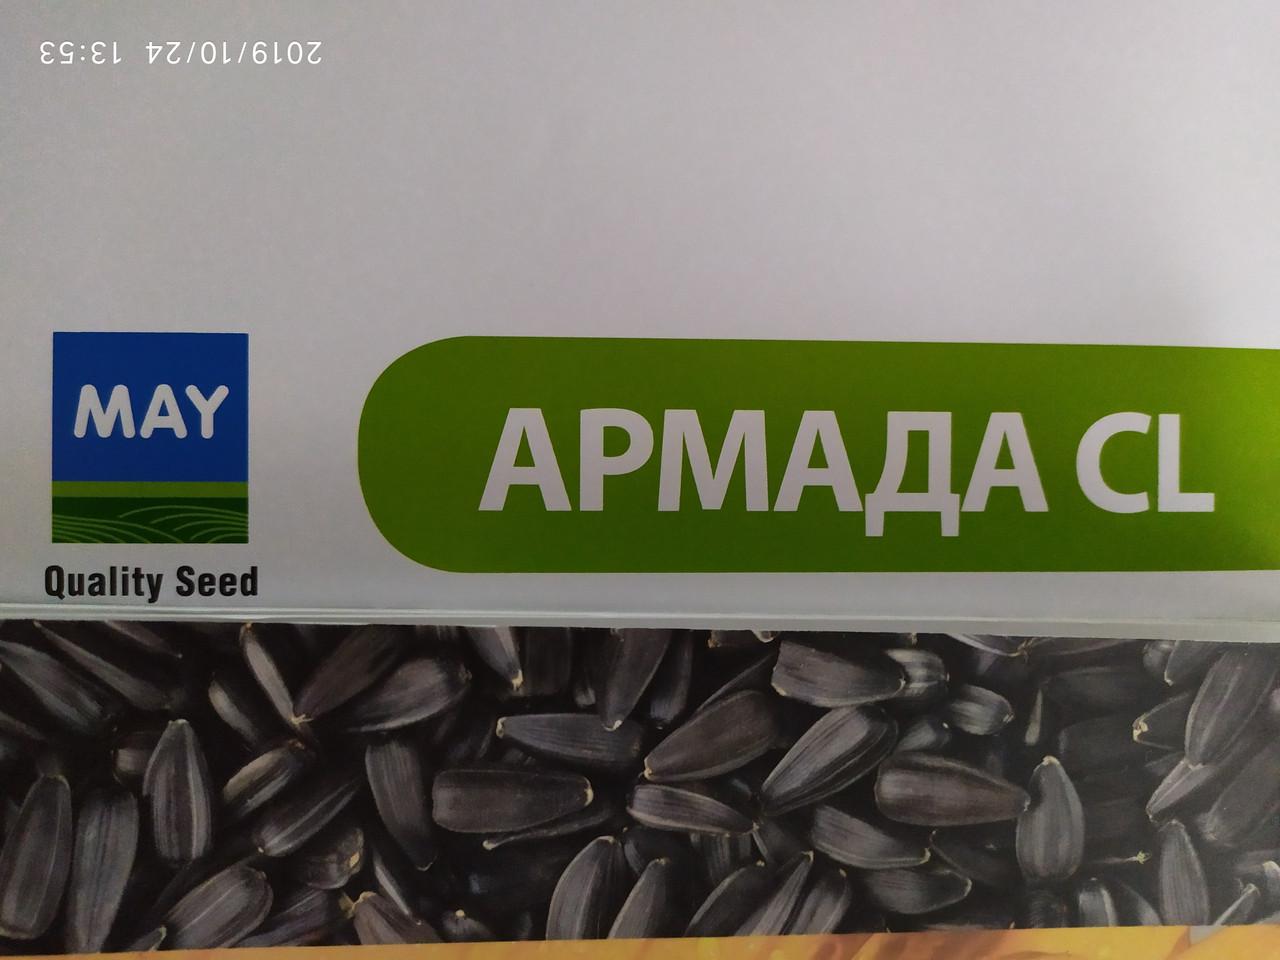 Гібрид соняшника АРМАДА під Євролайтнінг. Соняшник стійкий до посухи та хвороб АРАМАДА